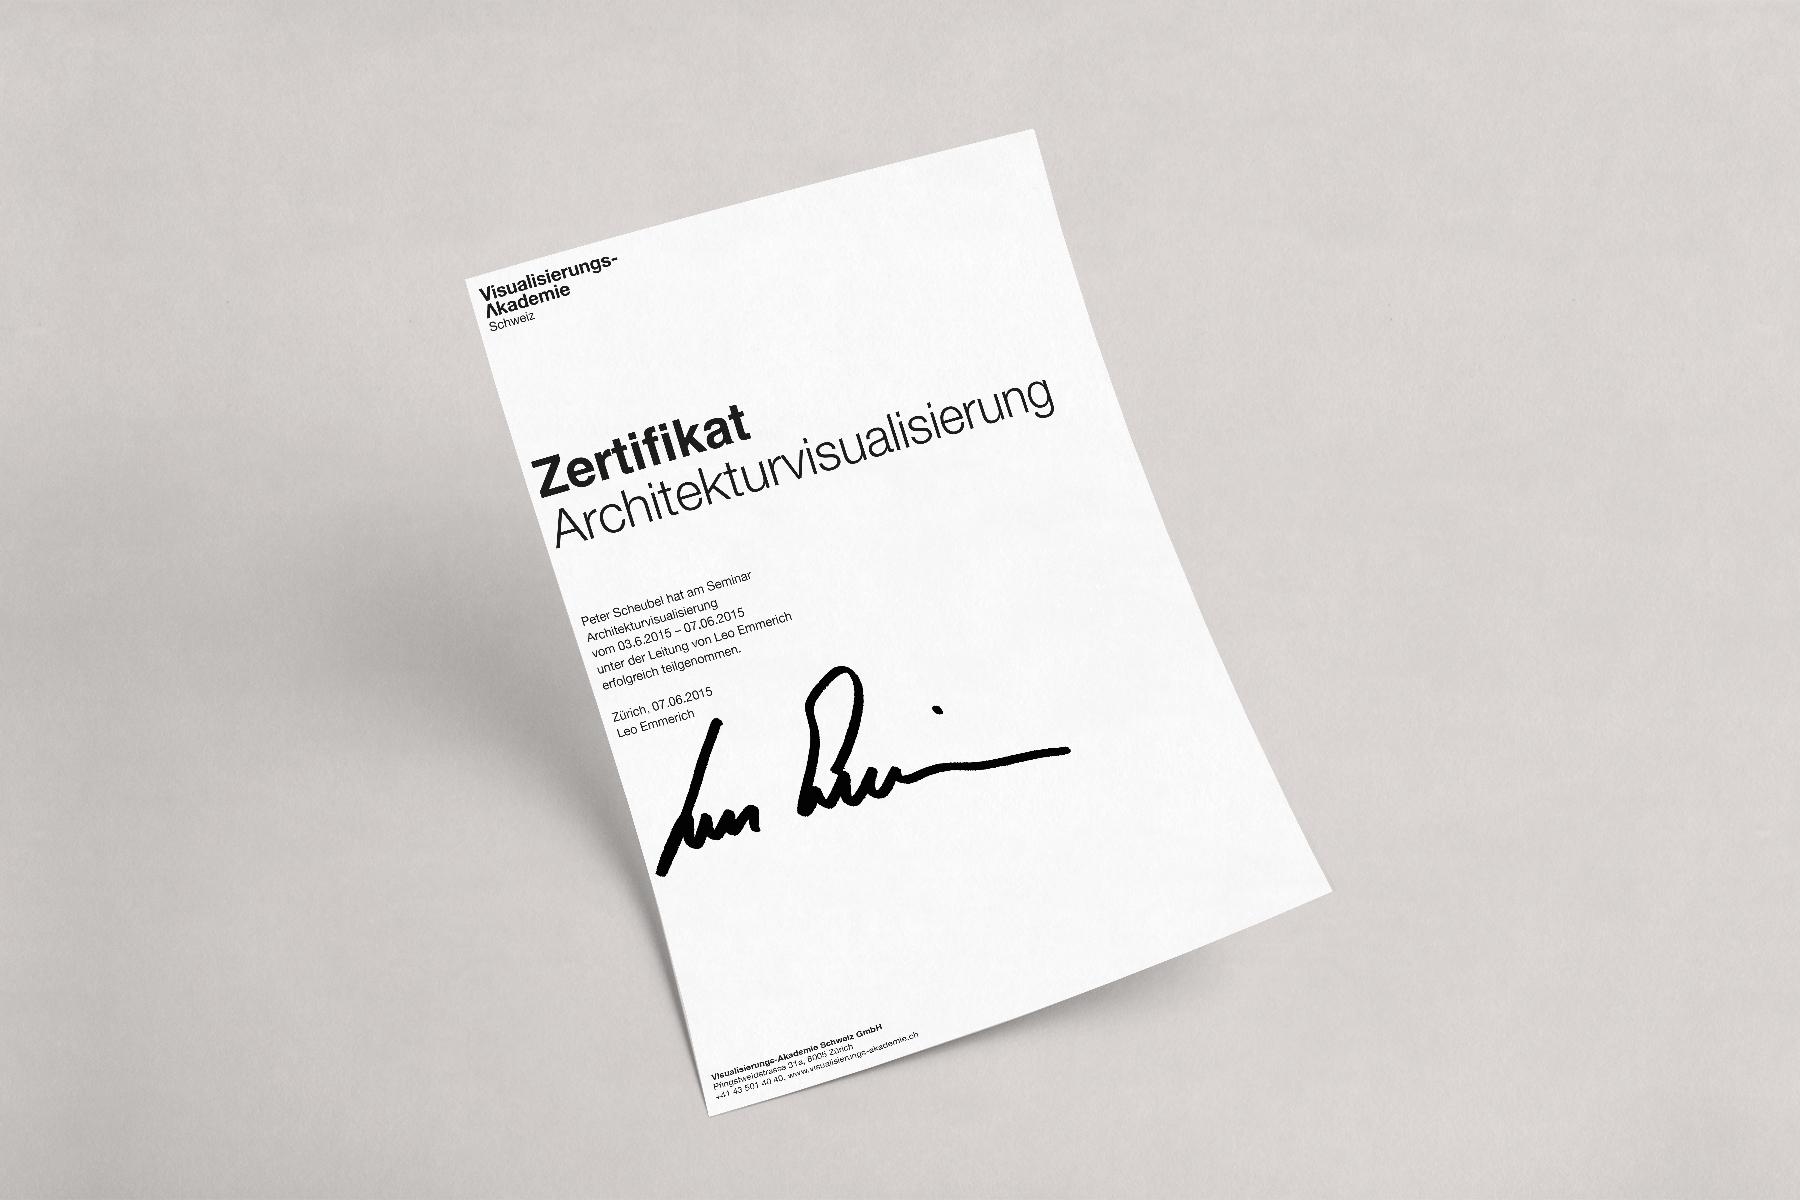 visualisierungs-akademie_zertifikat